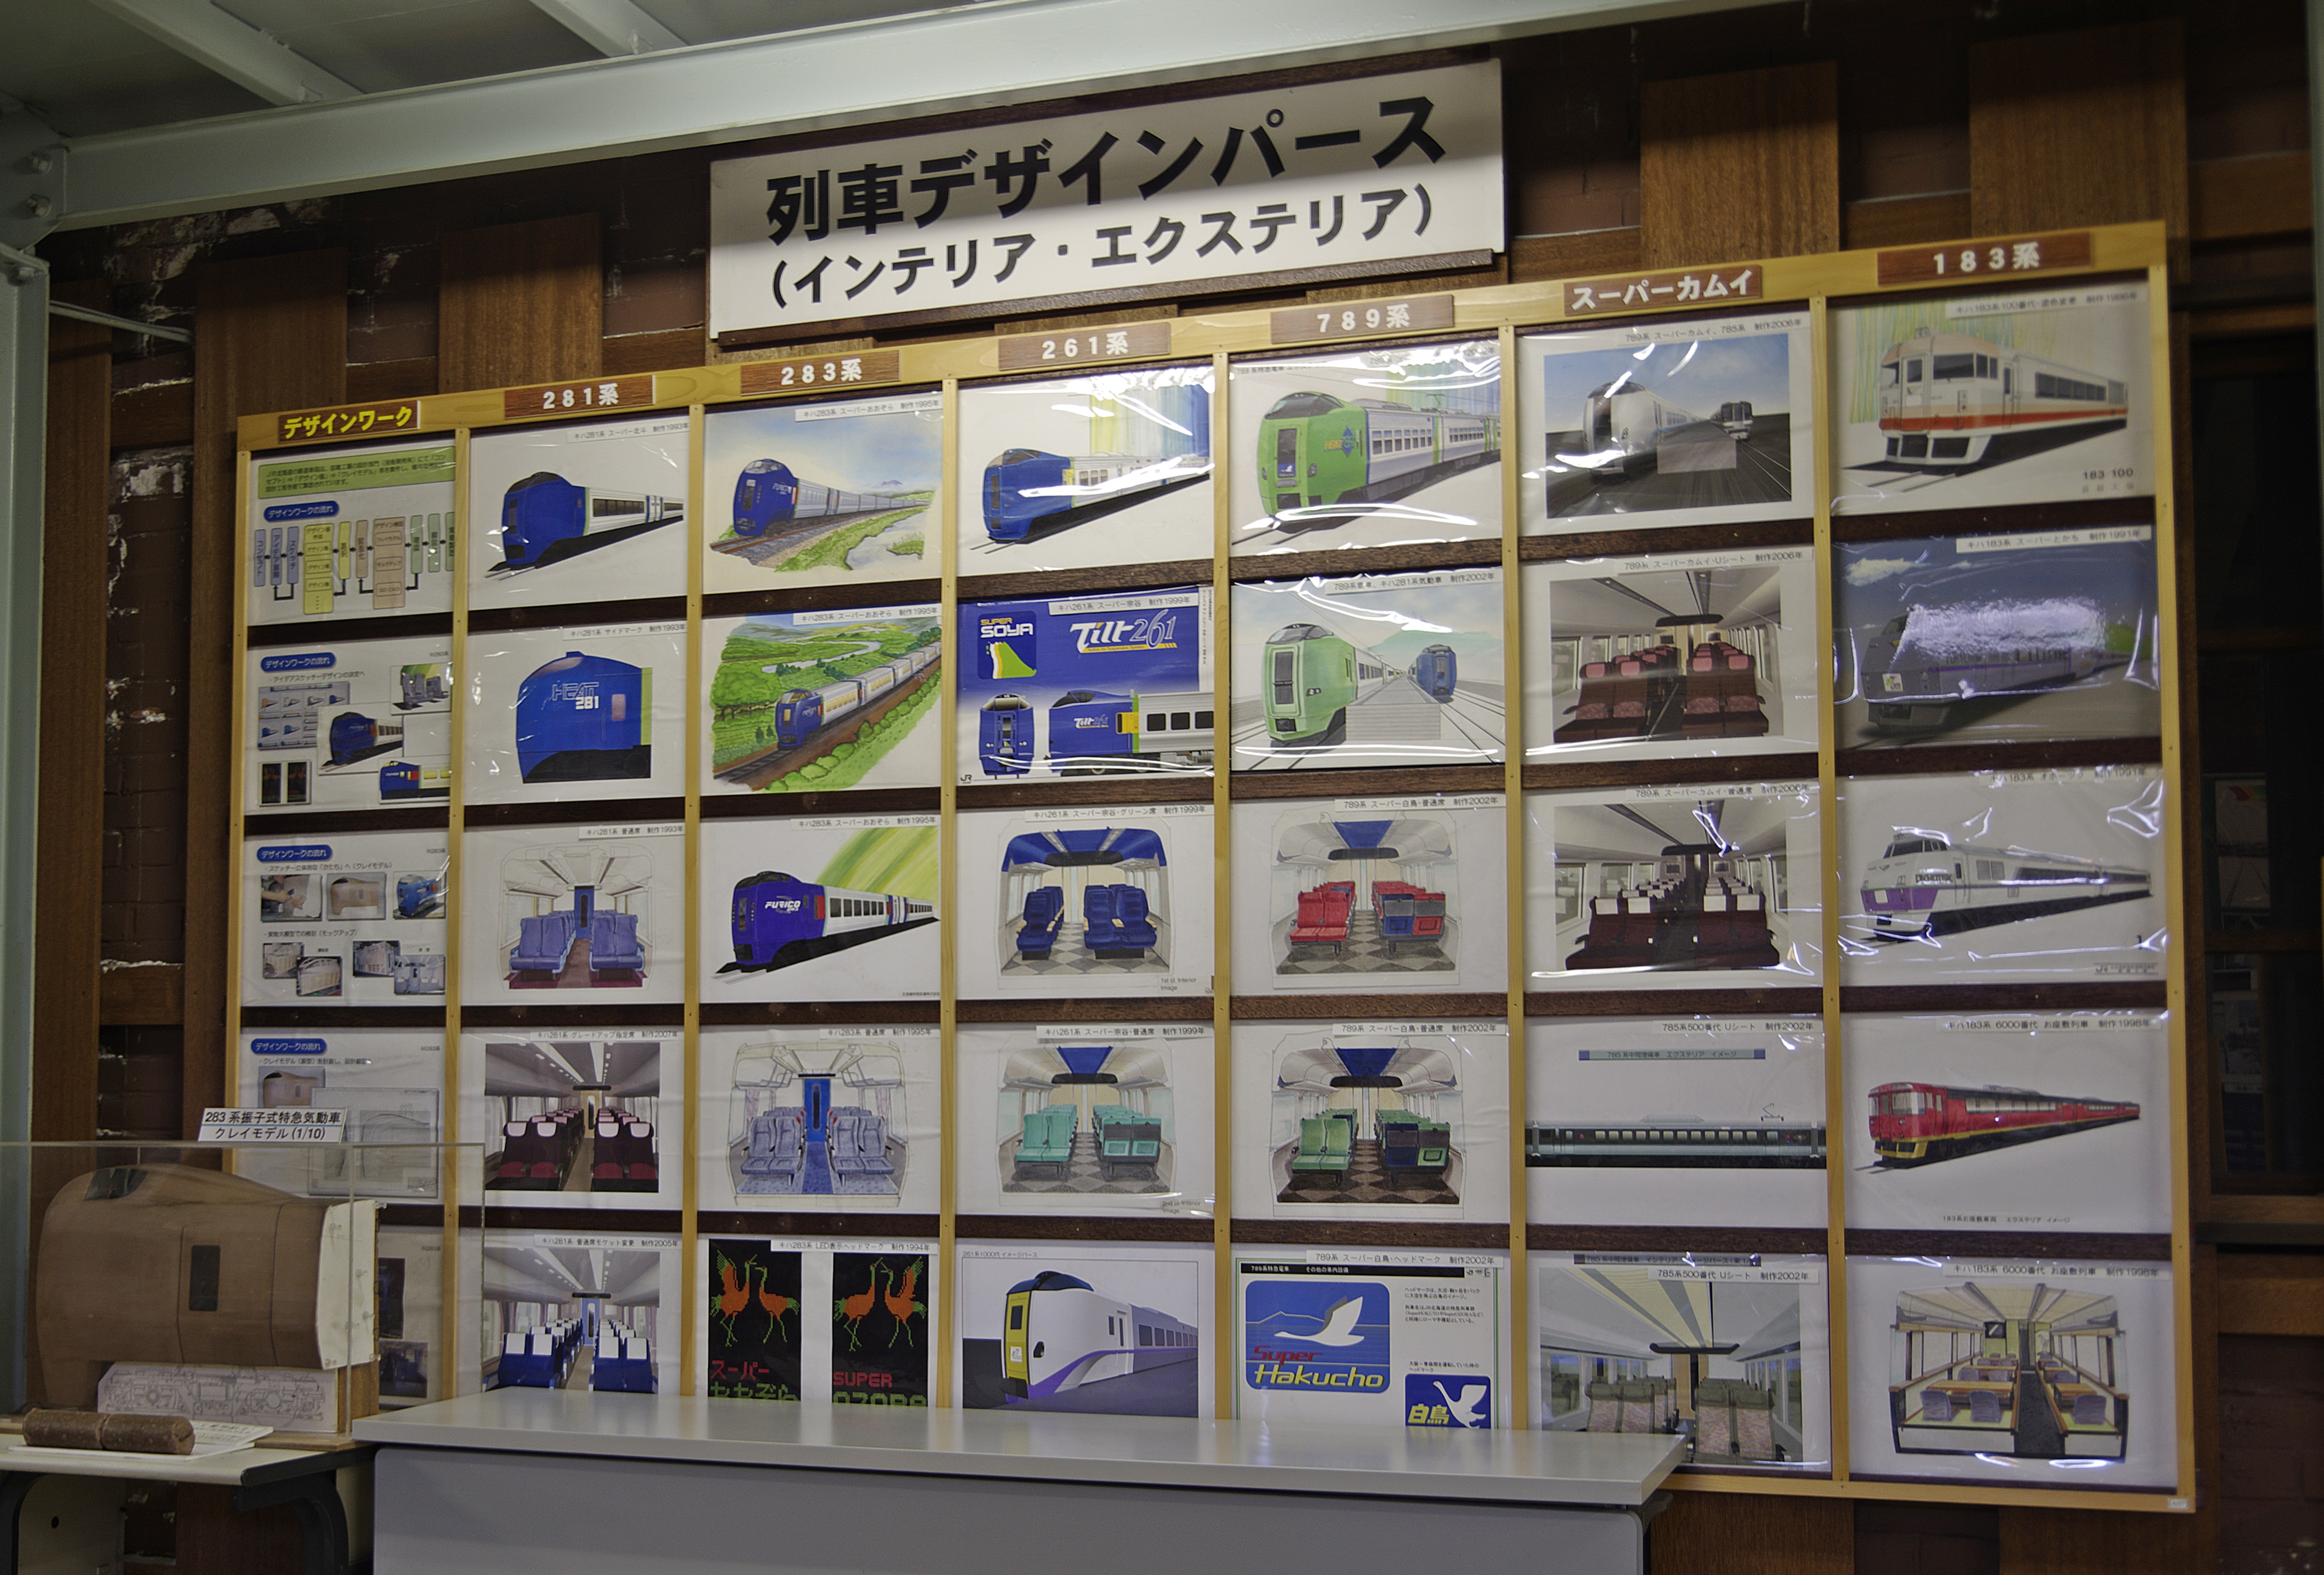 鉄道技術館 列車デザインパース_180512 (1).jpg